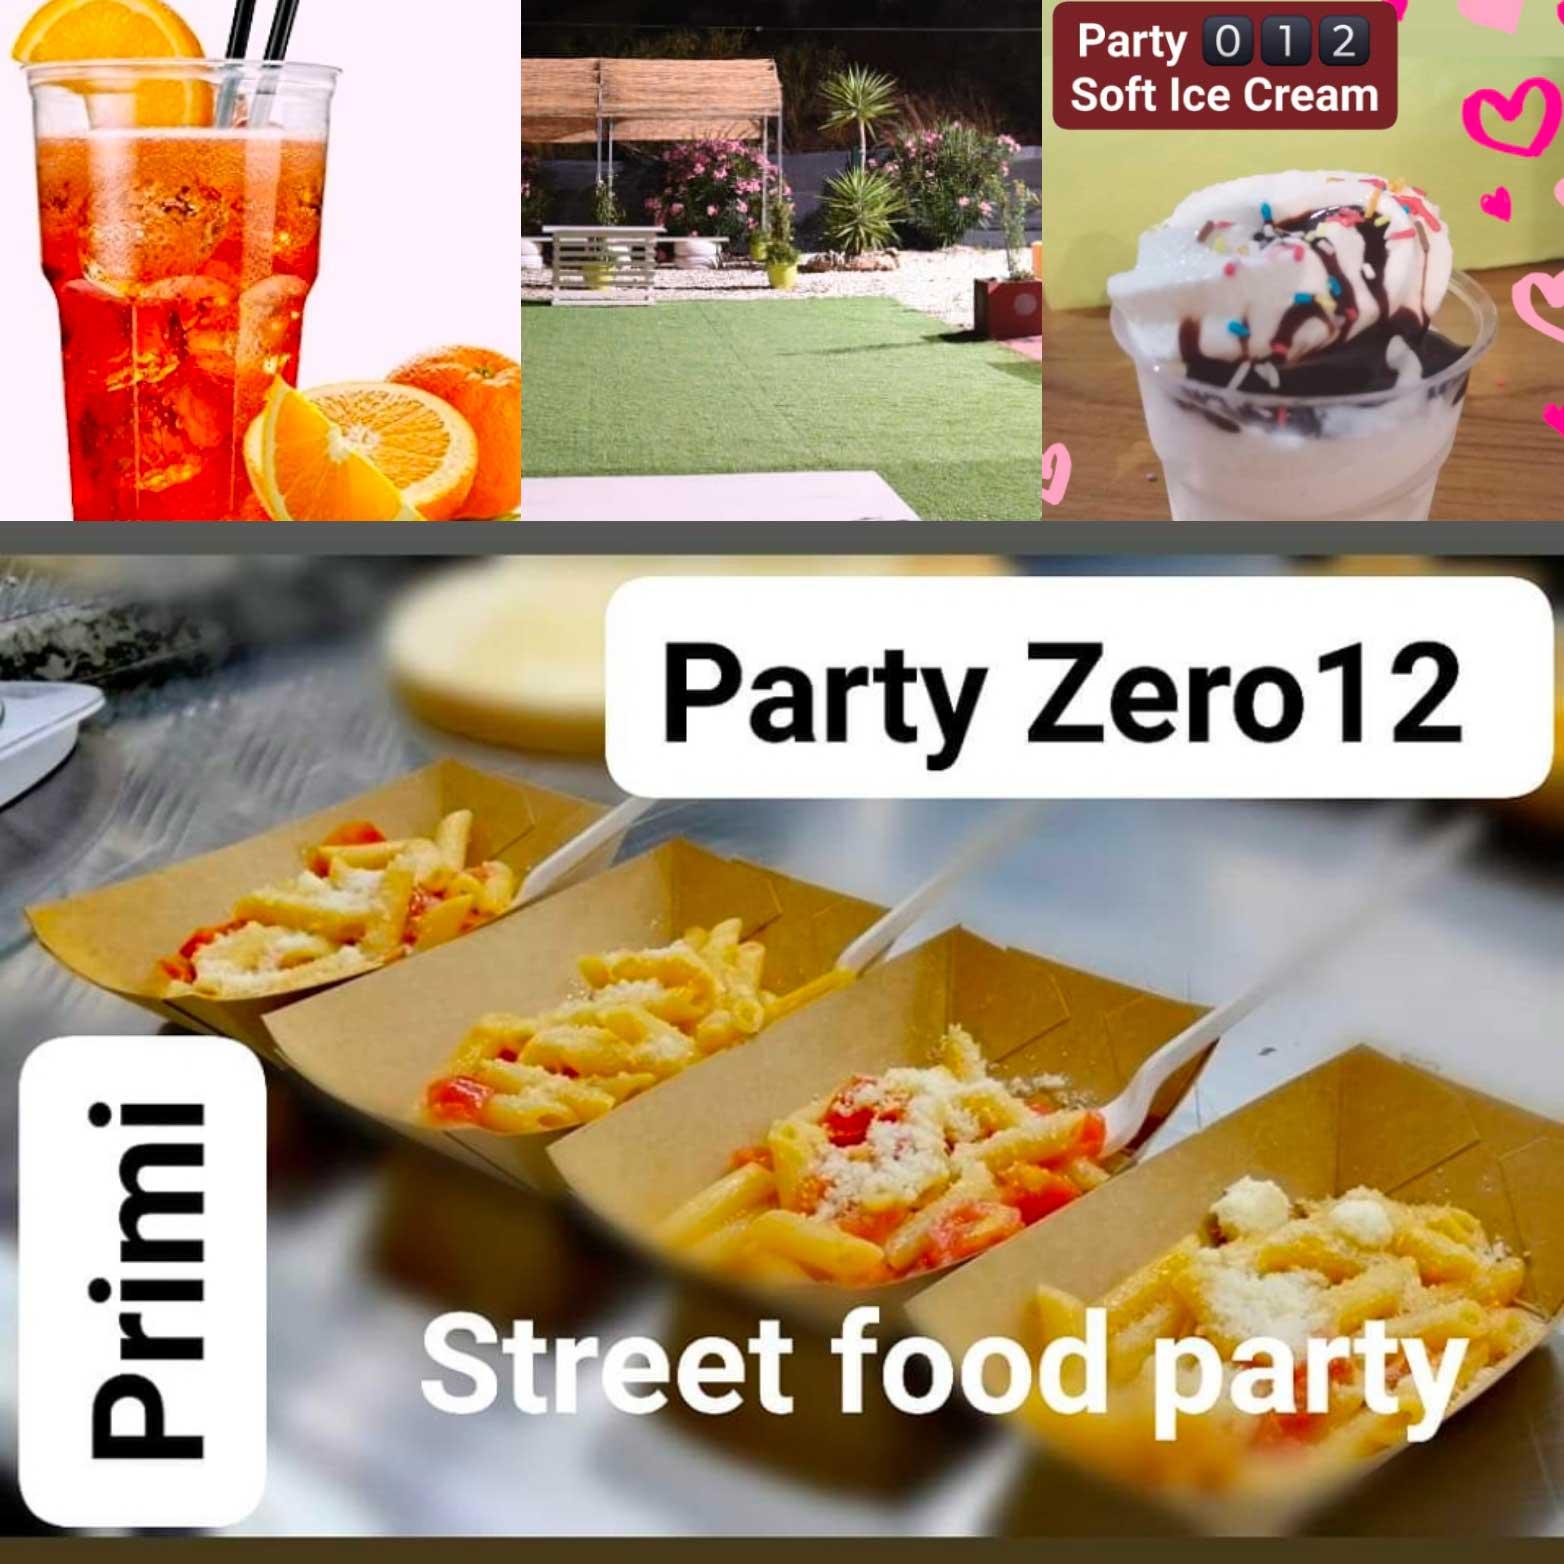 Party012 Catania Misterbianco